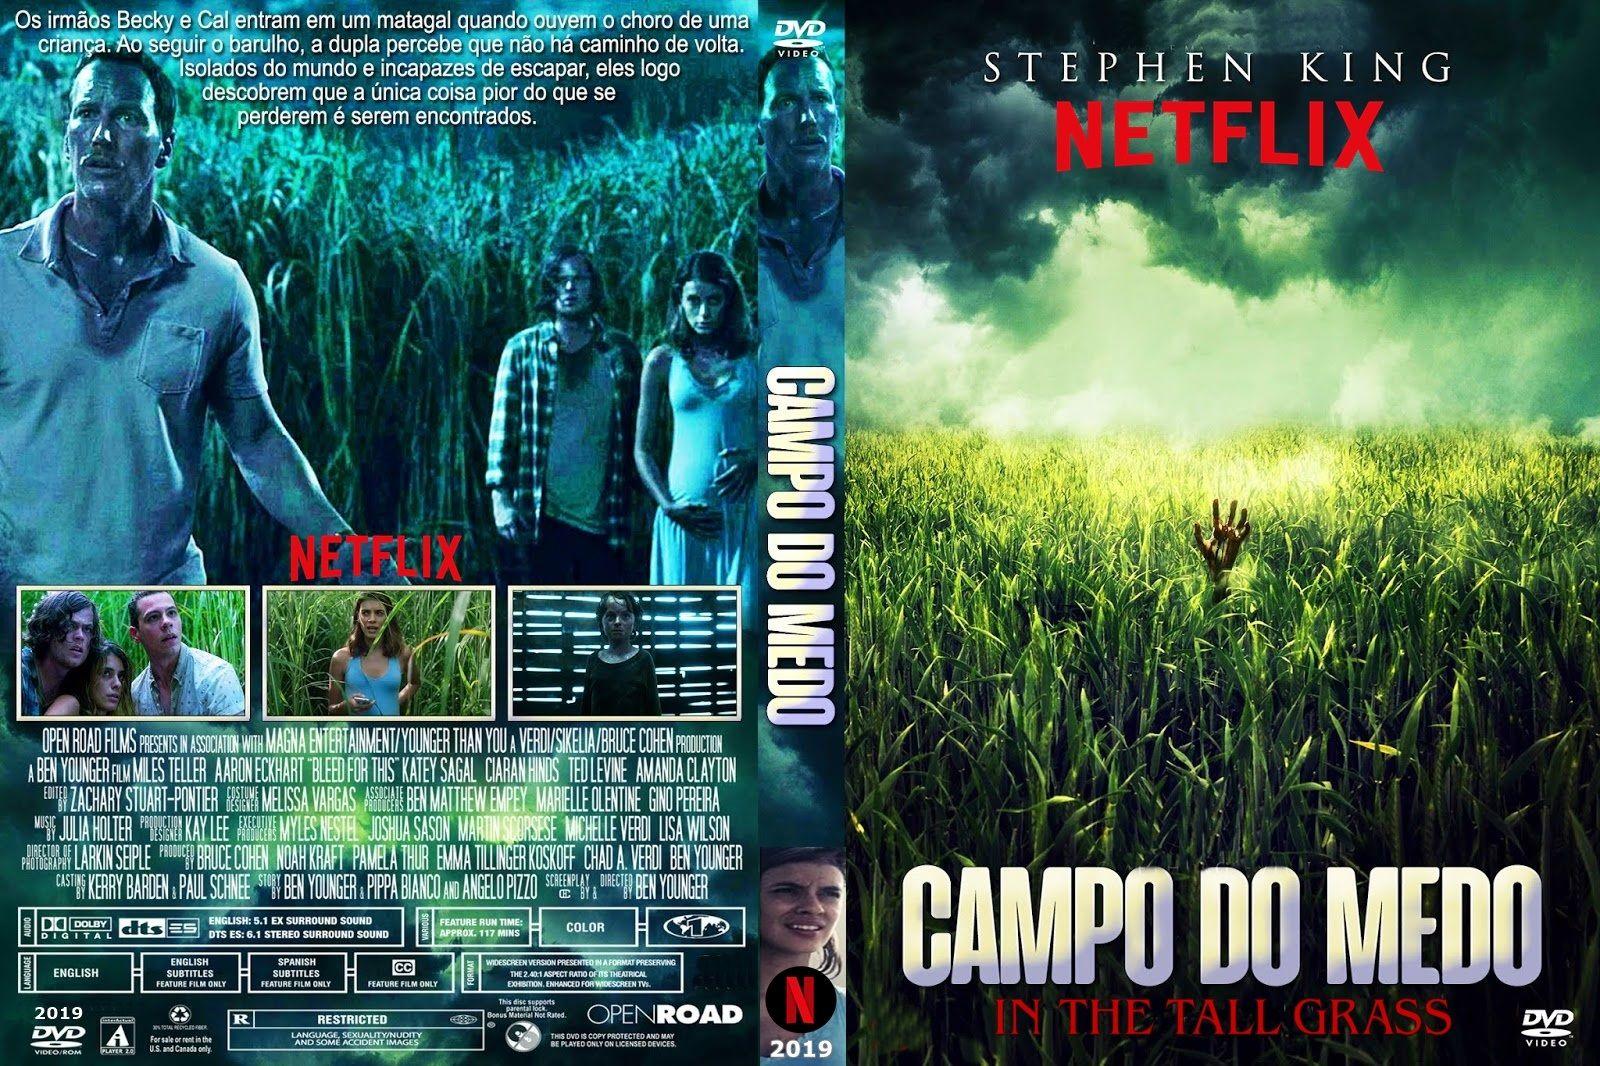 Campo Do Medo 2019 Netflix Com Imagens Netflix Dvd Medo